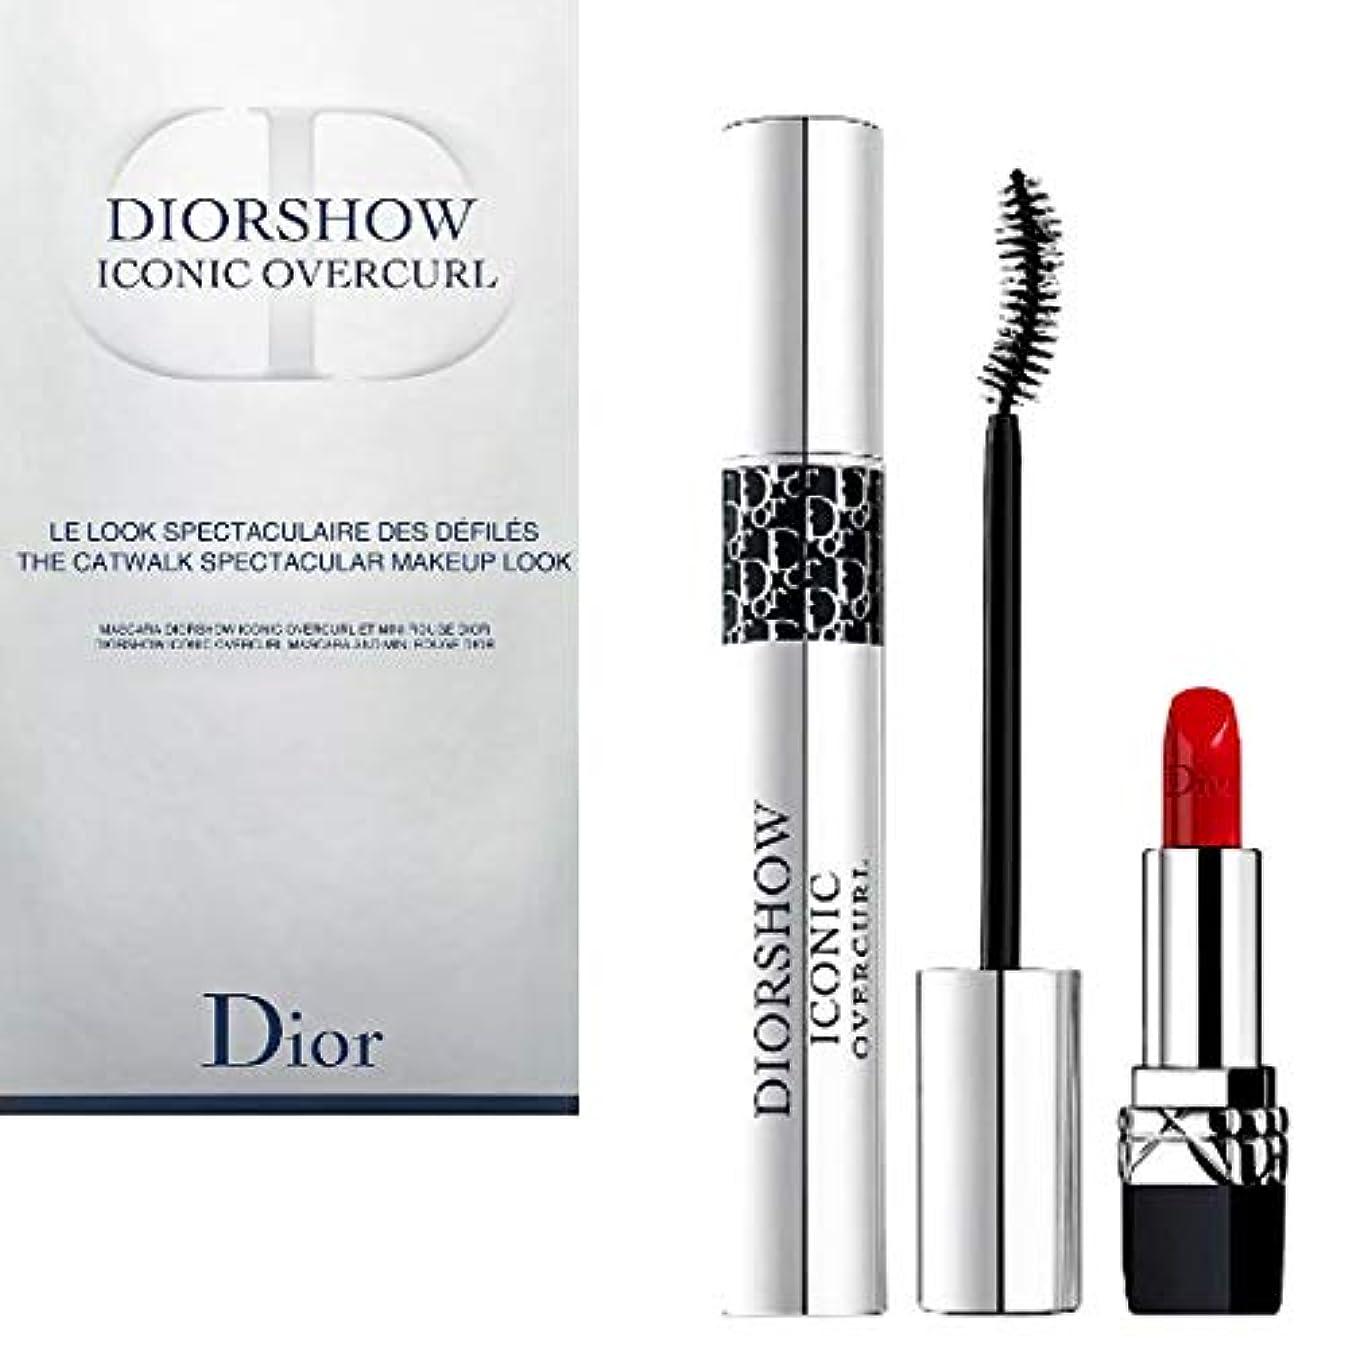 ビットペア隣人Dior, Diorshow Iconic Overcurl Catwalk Spectacular Makeup Look Set [海外直送品] [並行輸入品]